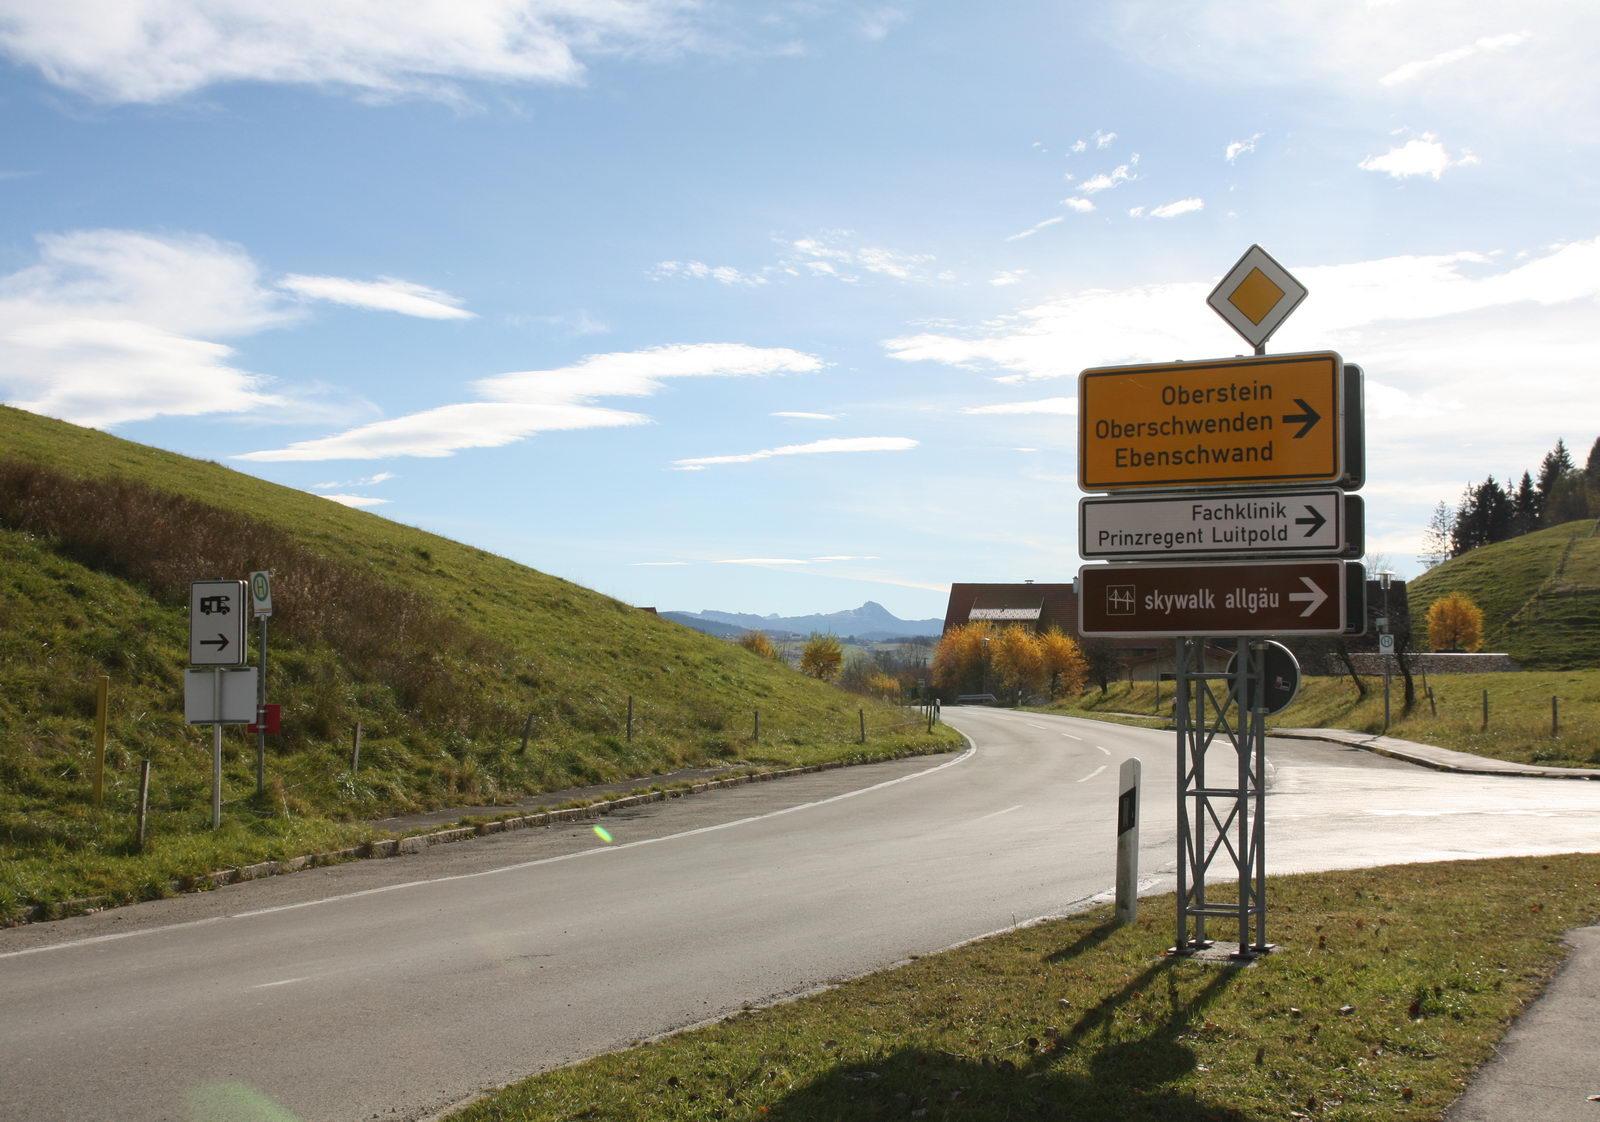 Abzweigung in Richtung Skywalk Allgäu und Oberschwenden - Im Hintergrund grüßt der Hohe Ifen